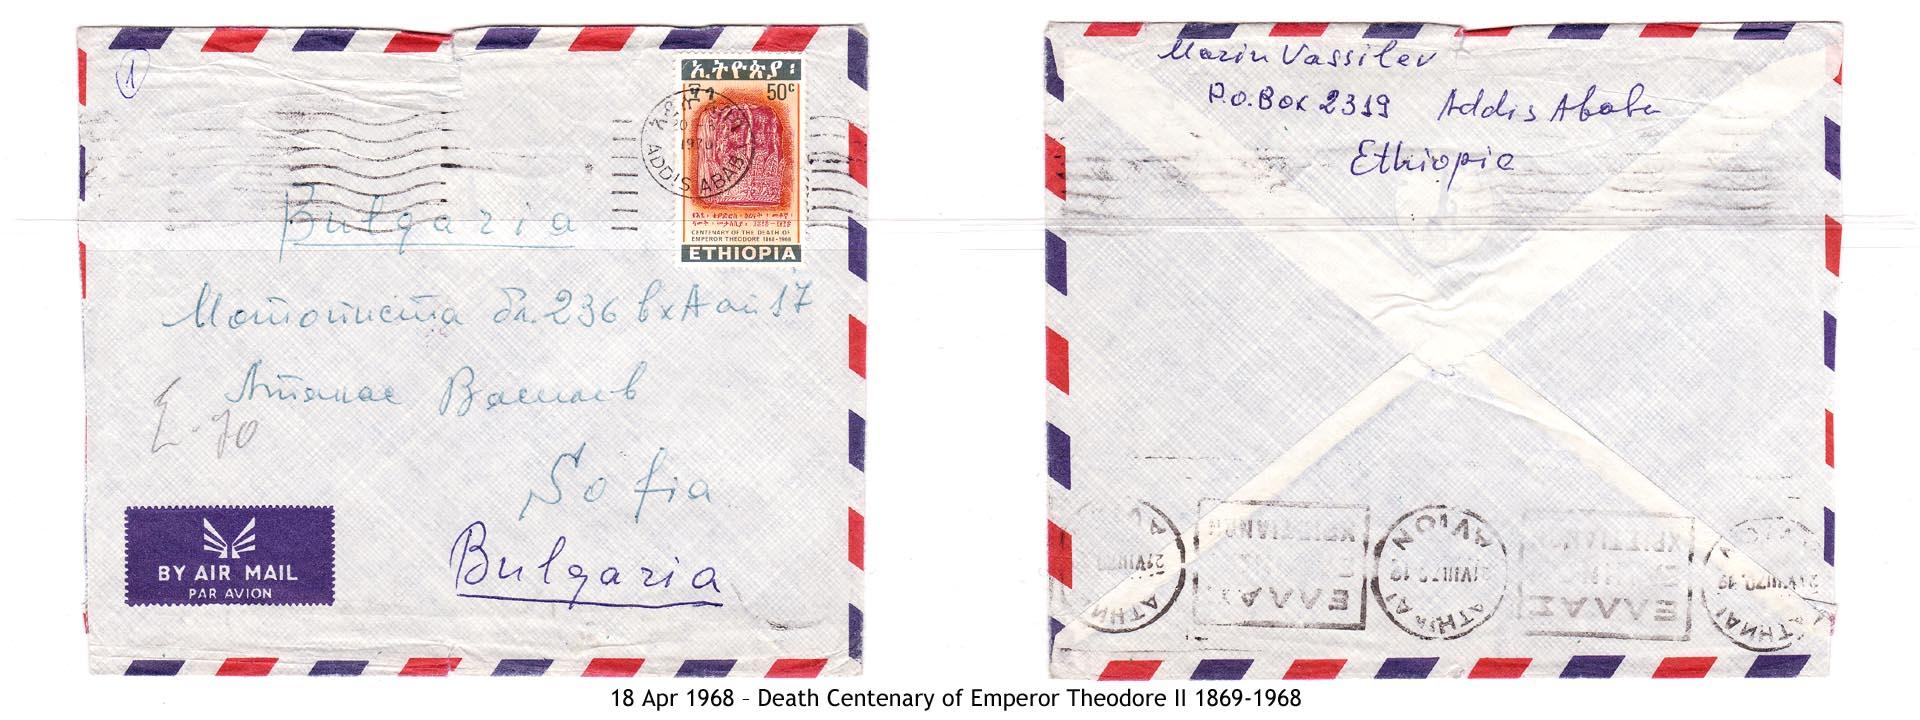 19680418 – Death Centenary of Emperor Theodore II 1869-1968